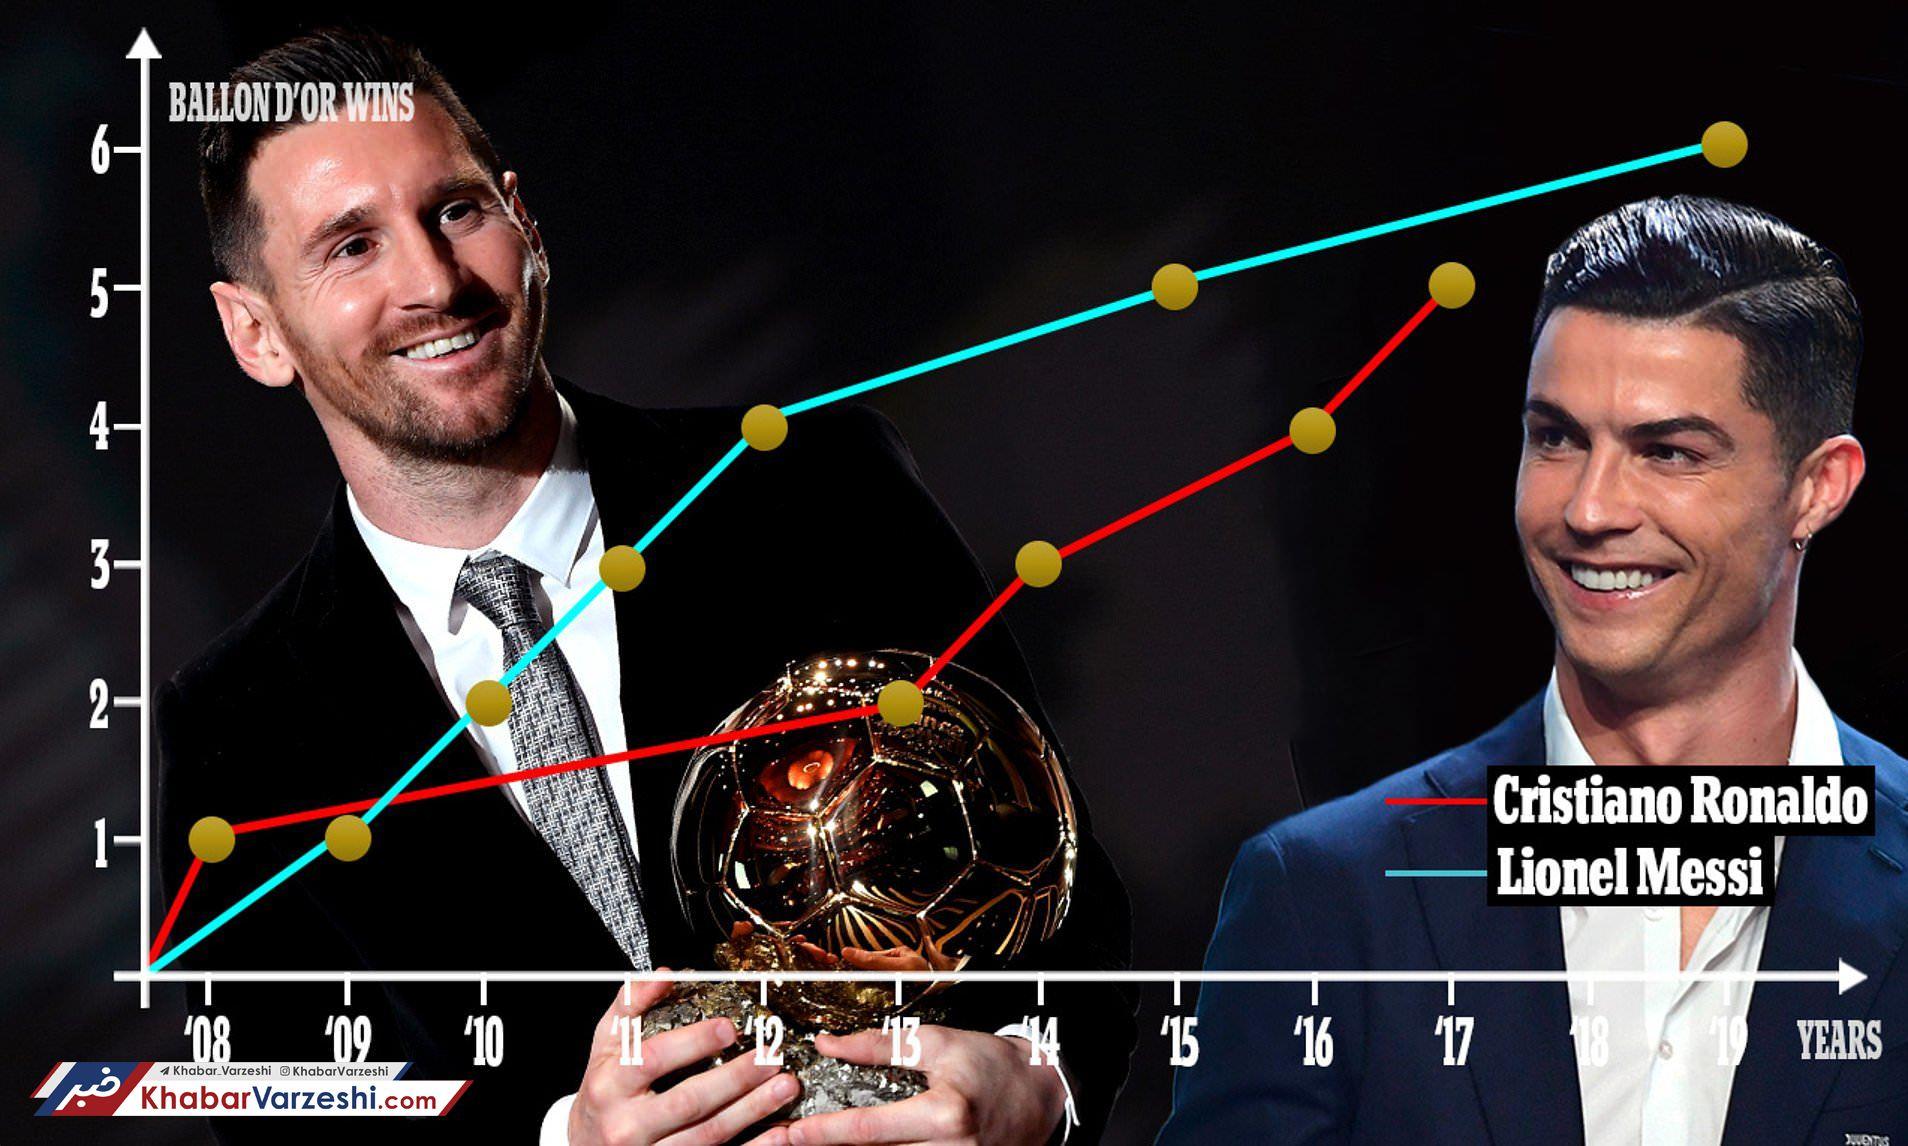 مسی – رونالدو؛ رقابت تا ابد ادامه دارد